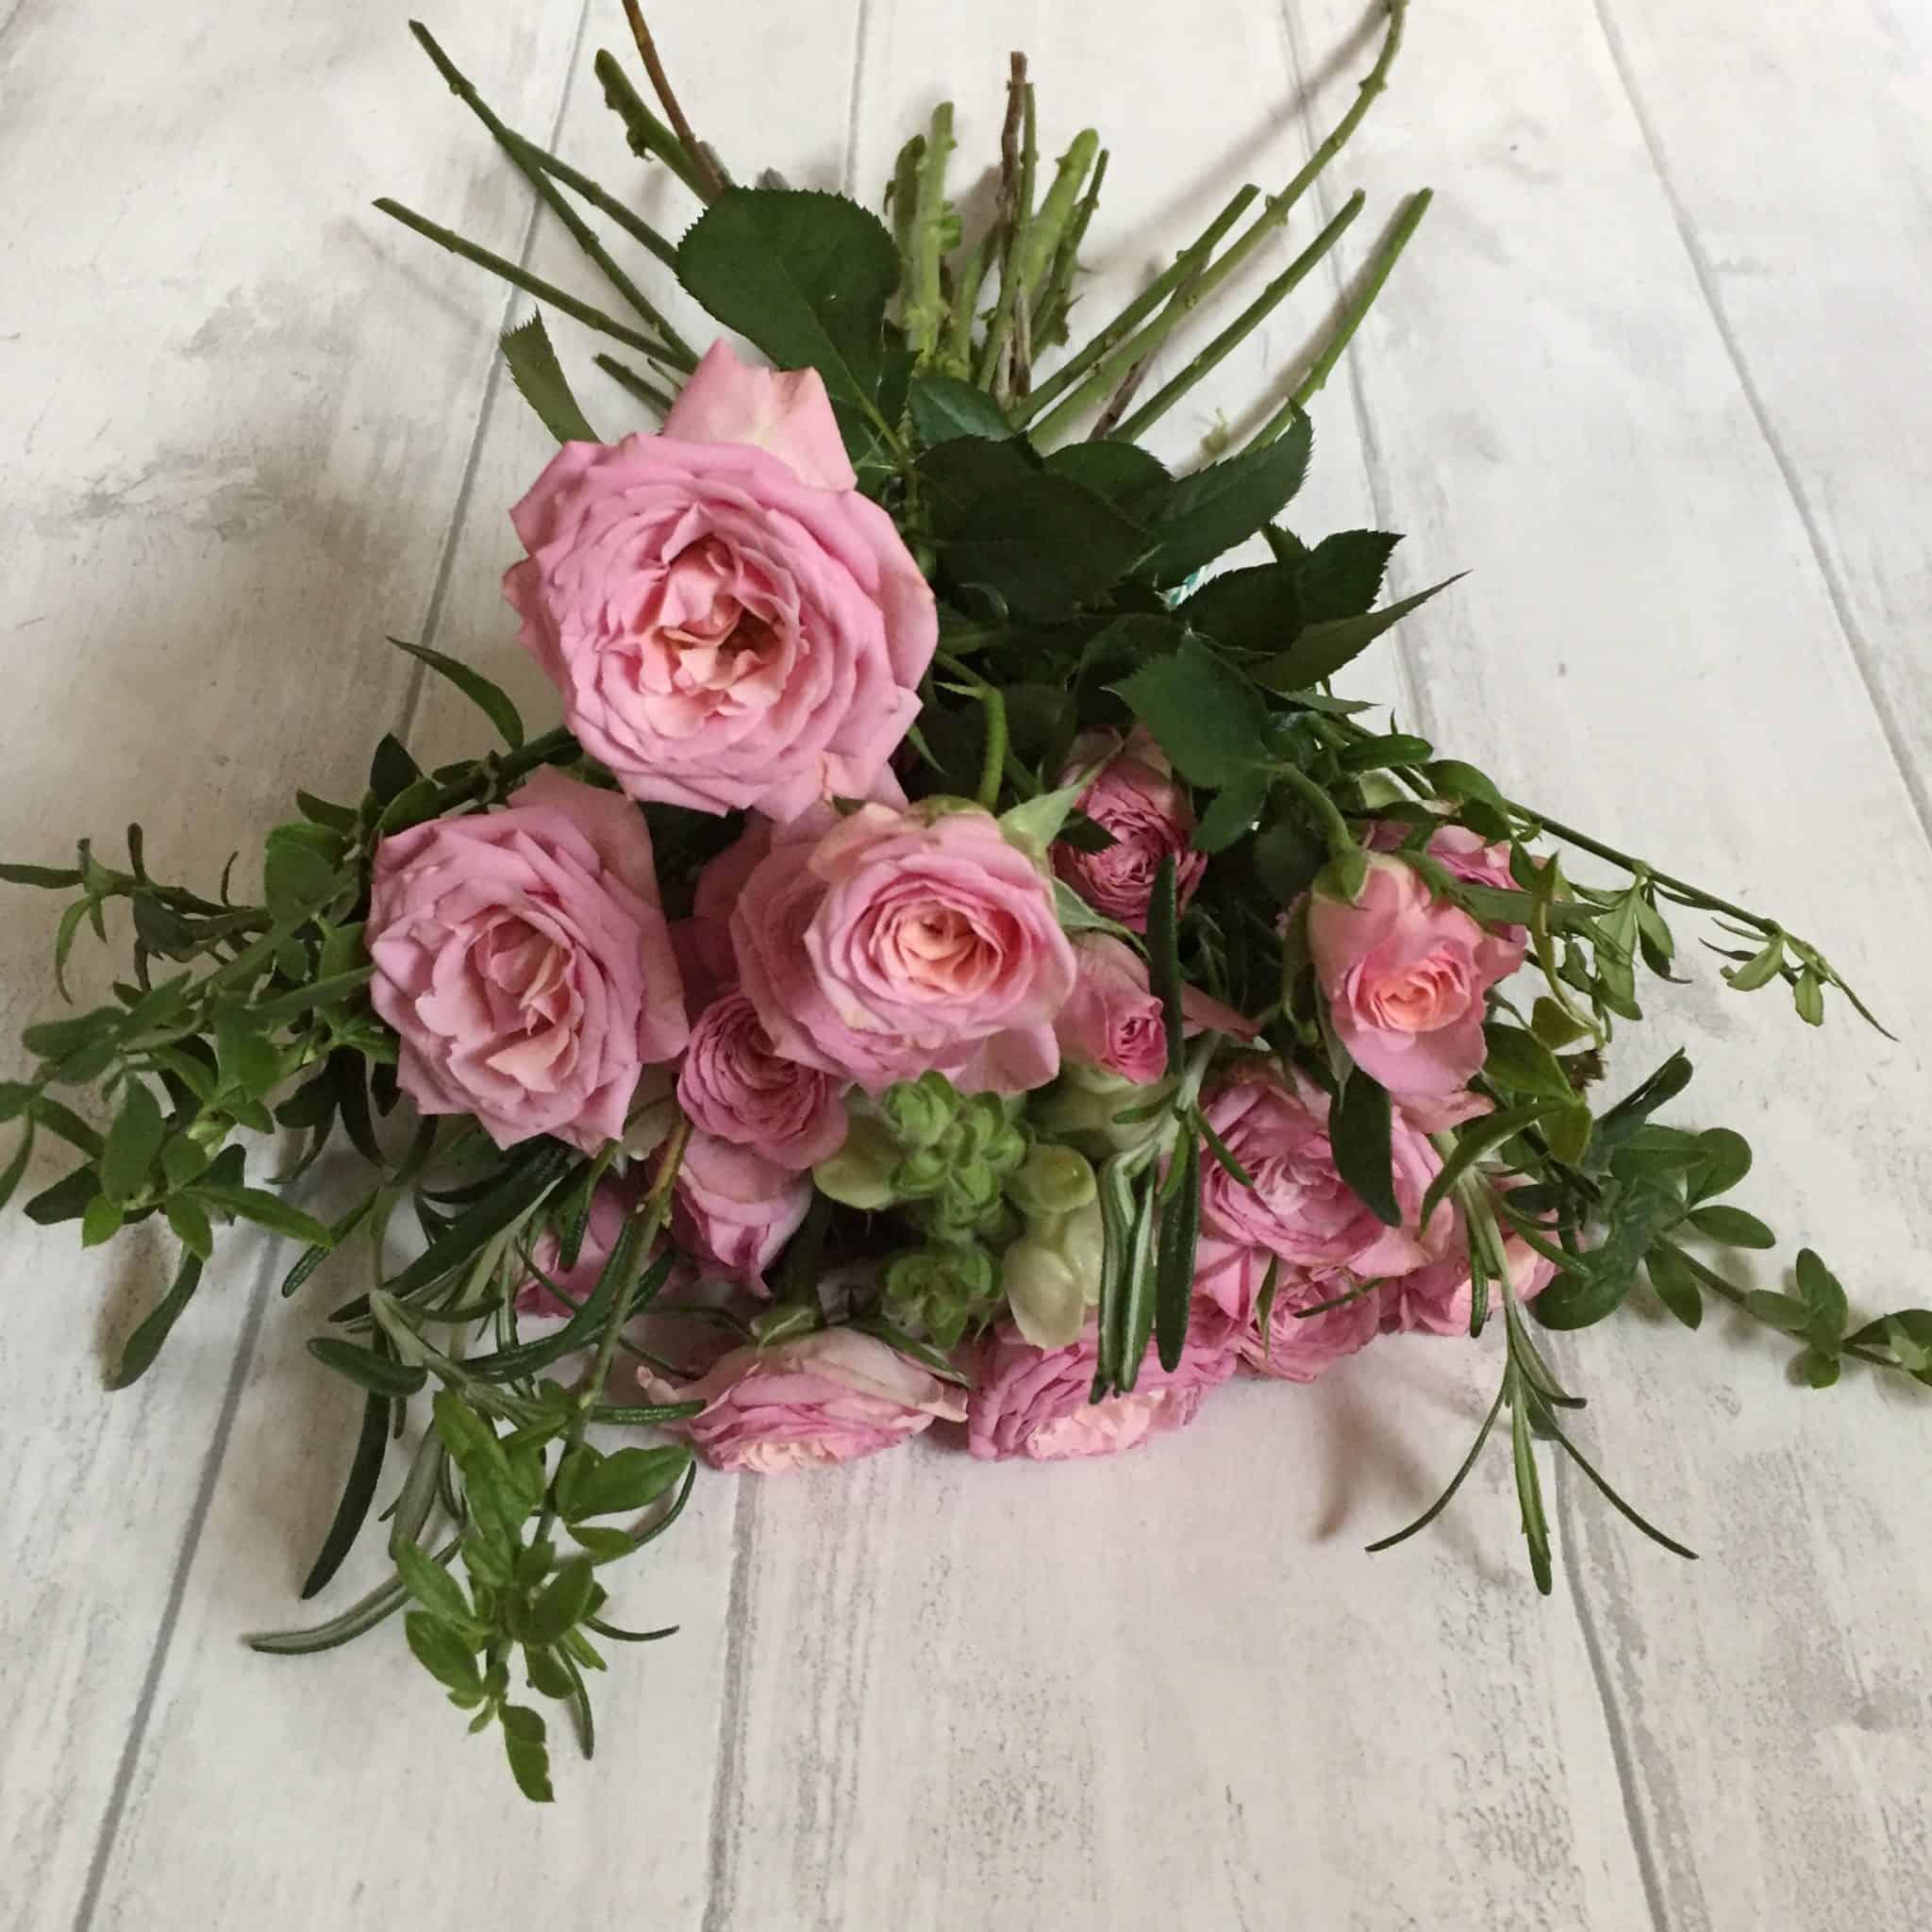 How to arrange flowers online with Flowerstart: handtied arrangement of roses